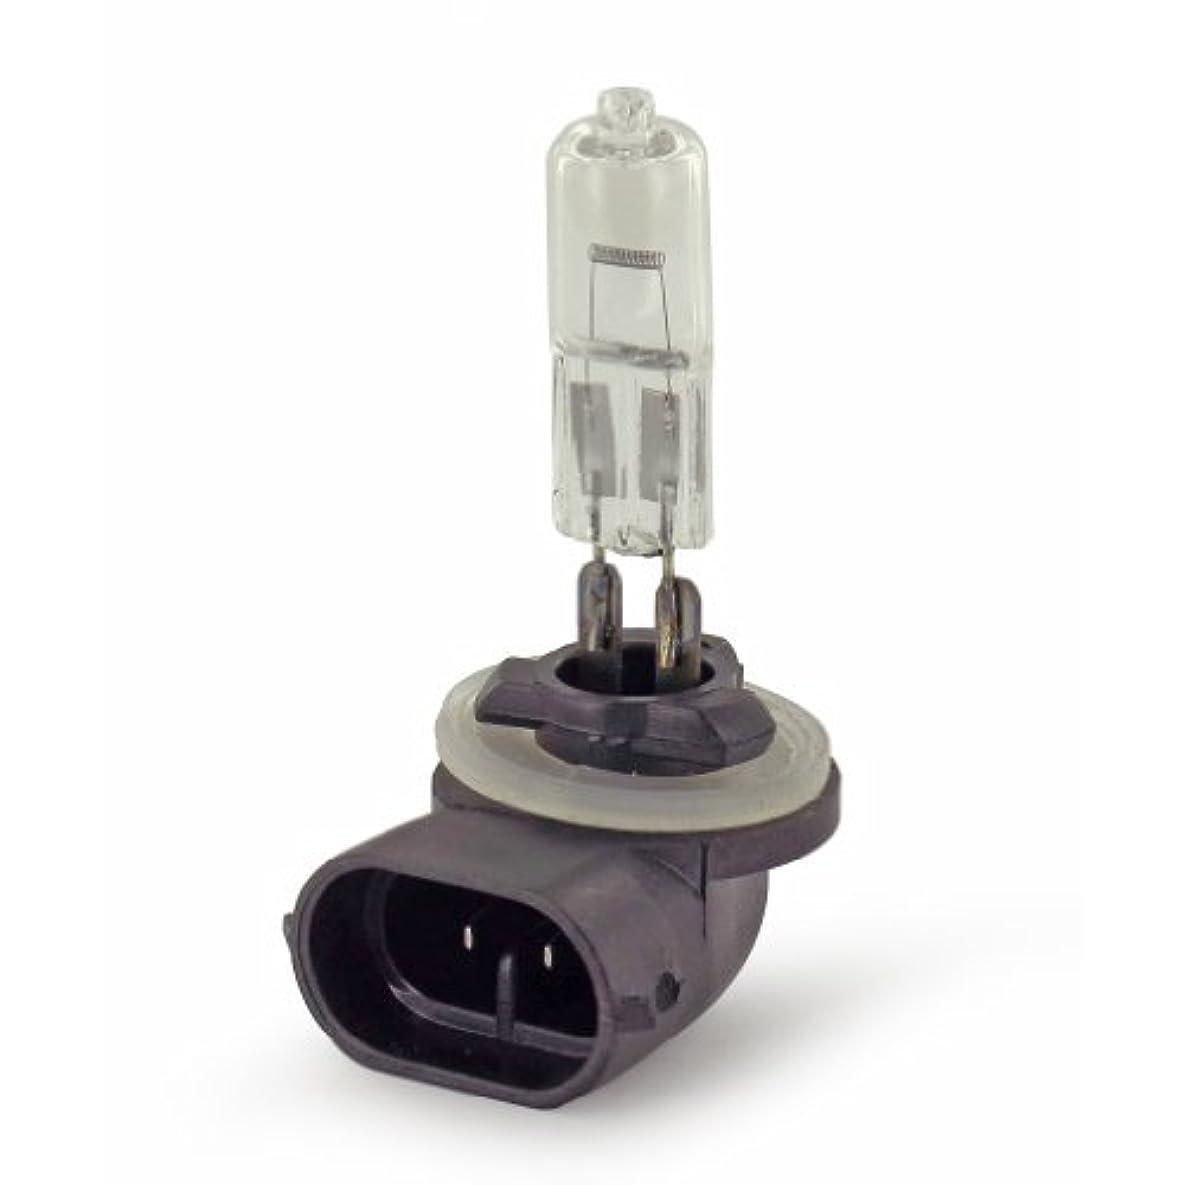 インストラクターアイザック助言するIntella 1062038 GE 894 Bulb, 12.8V, 38W by Intella Liftparts Inc.